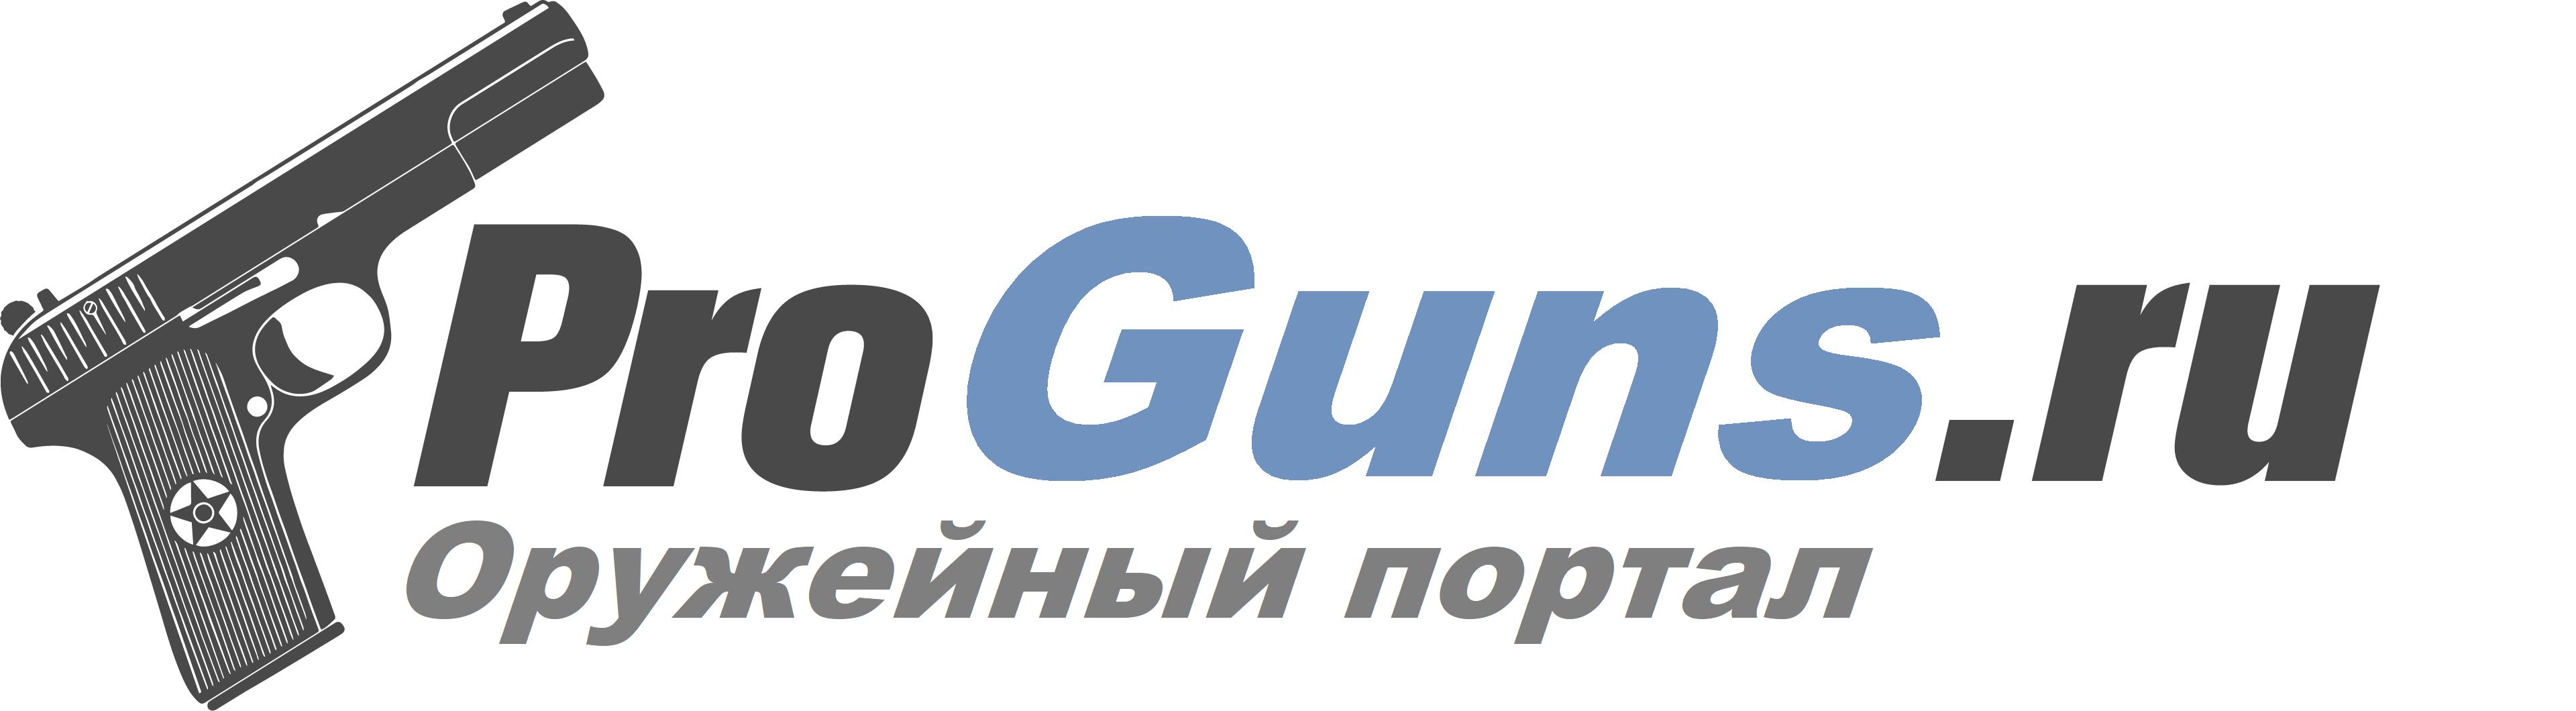 Оружейный портал